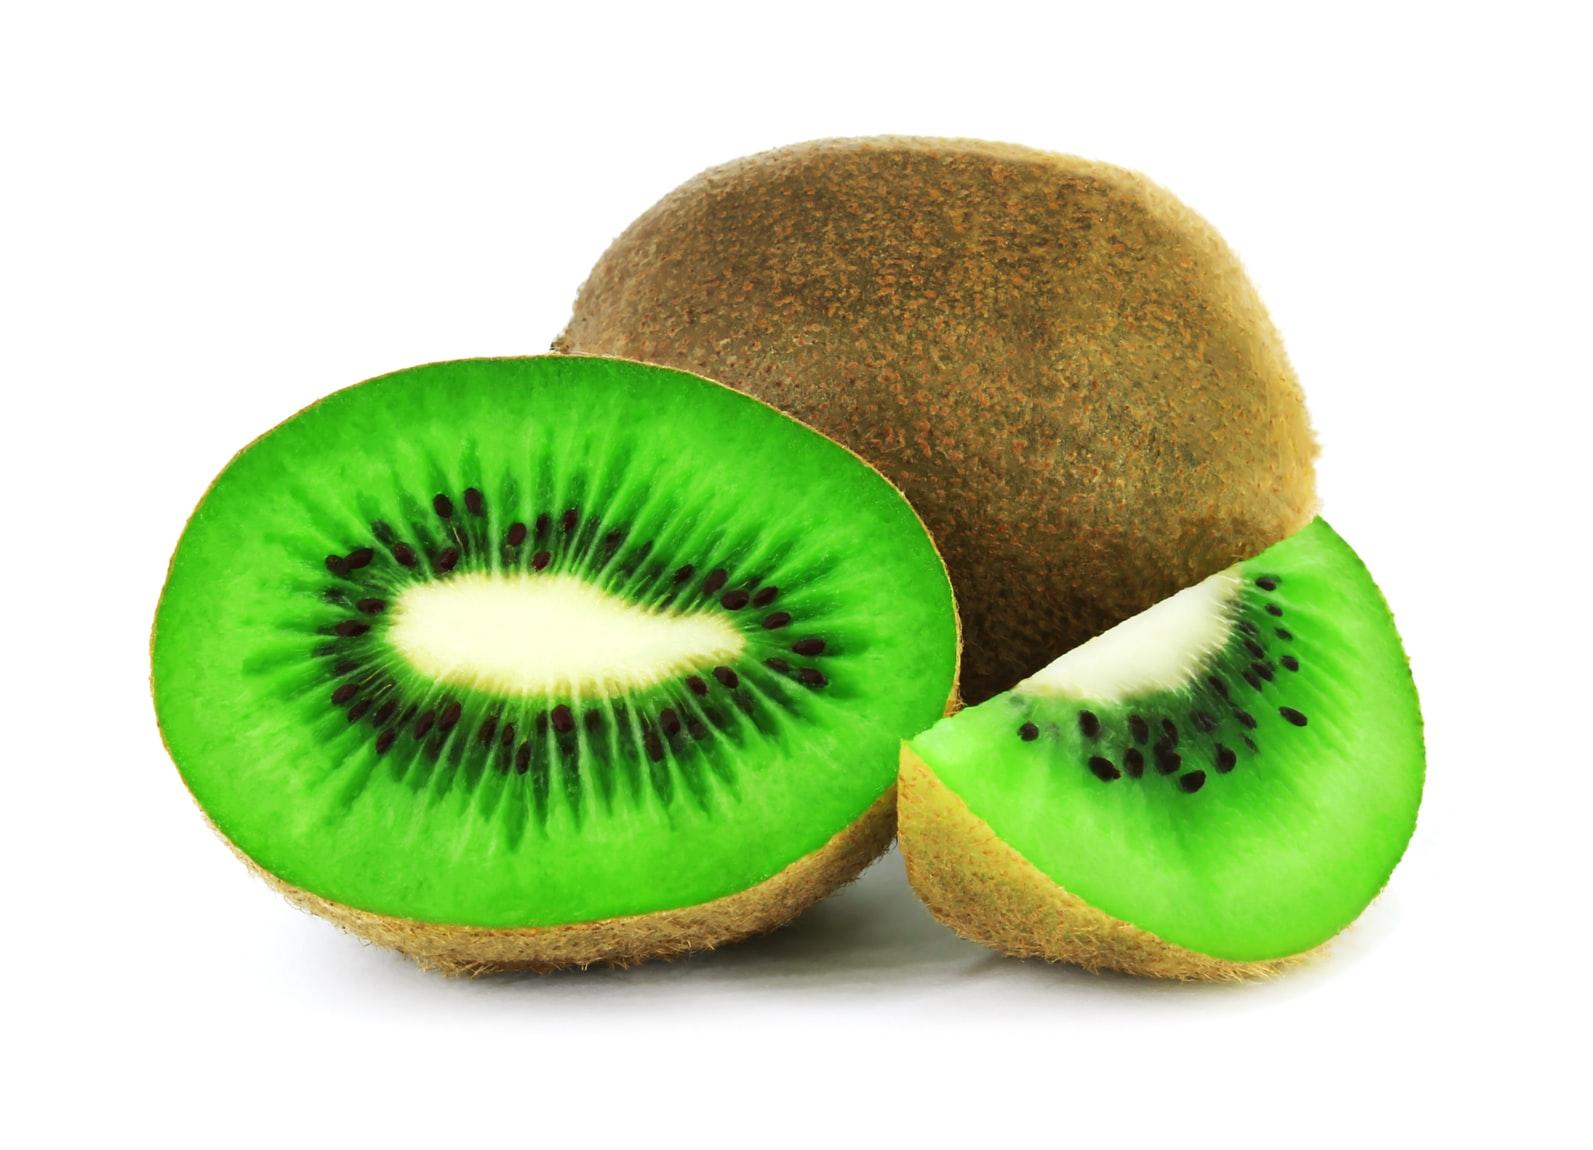 kiwi-gesneden-wit-achtergrond